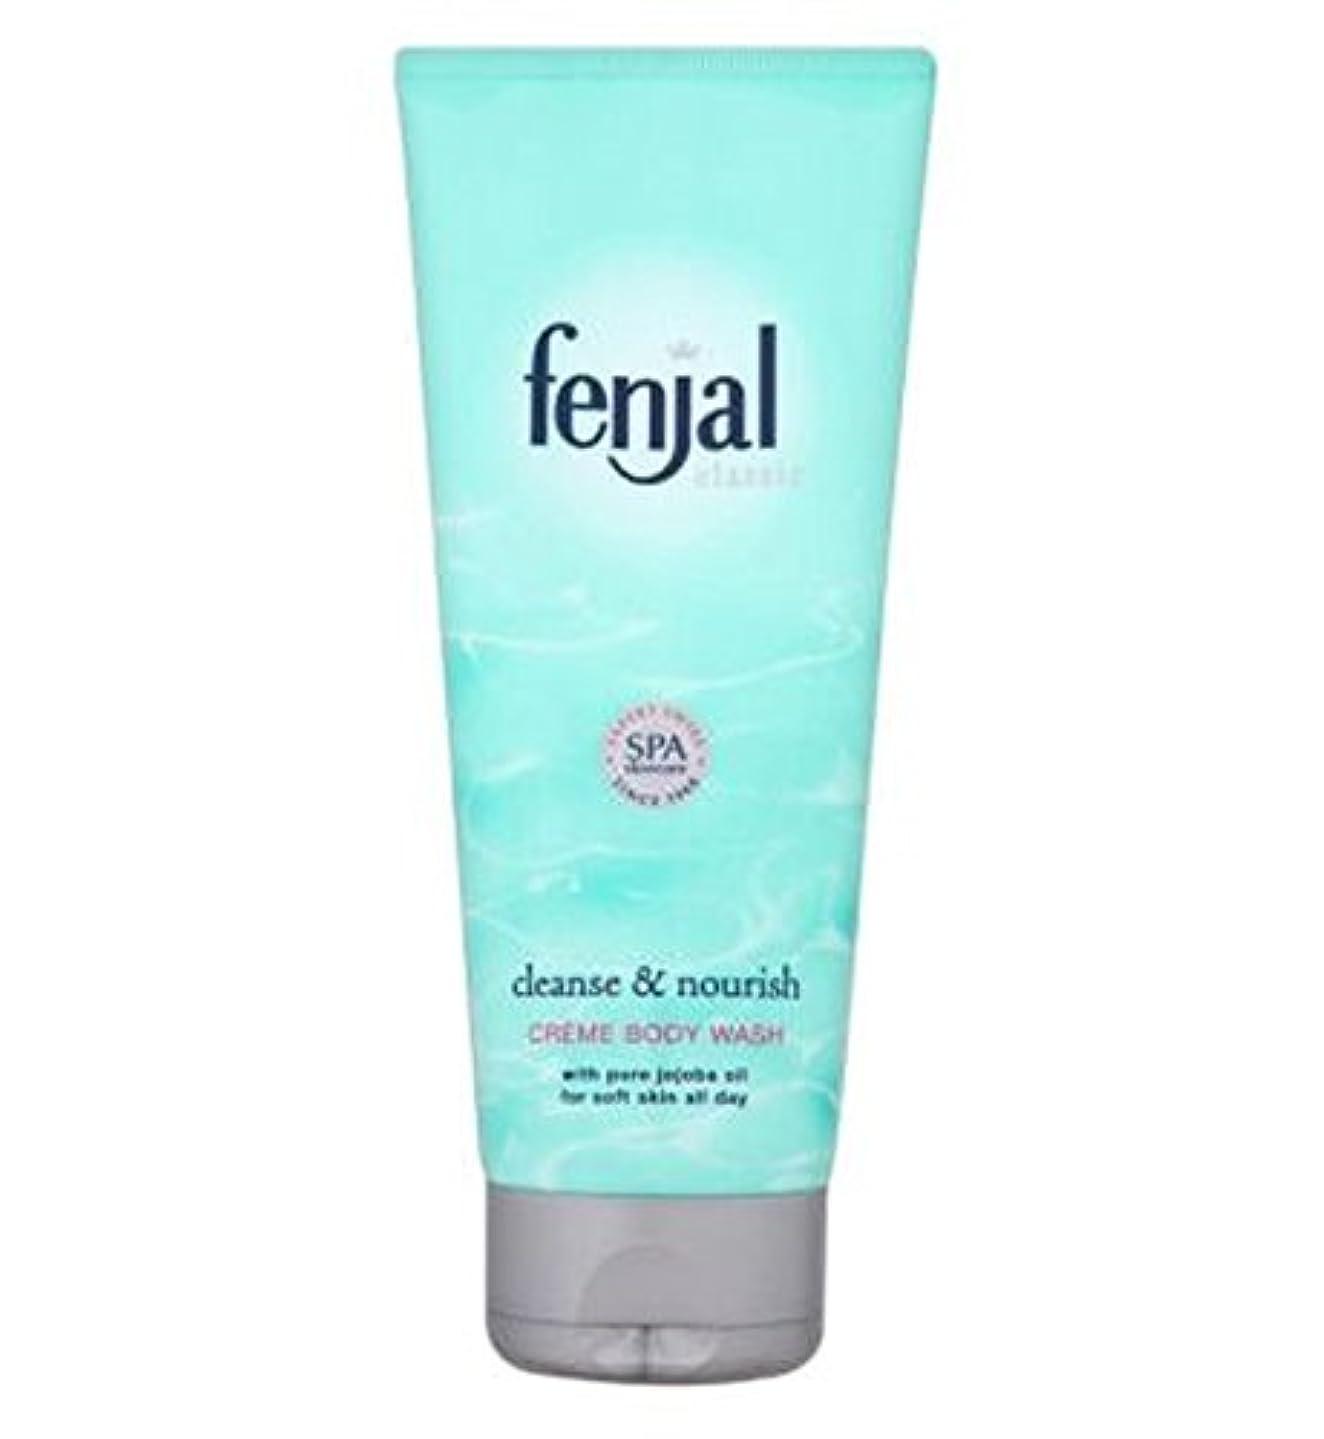 バイナリ消防士珍味Fenjal古典的な高級クリームオイルボディウォッシュ (Fenjal) (x2) - Fenjal Classic Luxury Creme Oil Body Wash (Pack of 2) [並行輸入品]